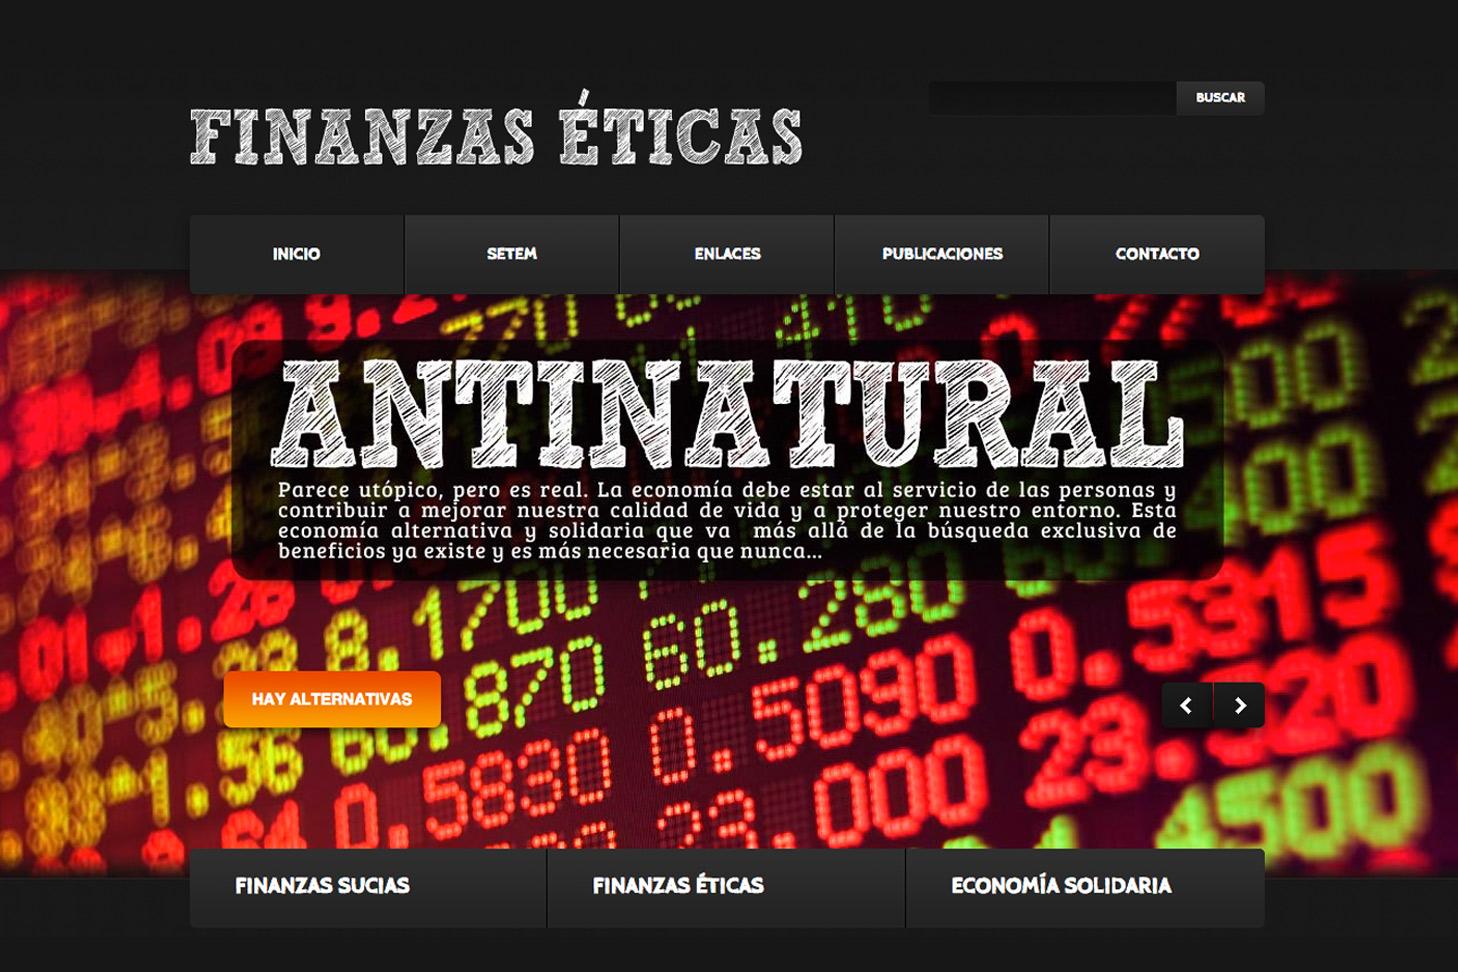 Finanzas-Eticas-02